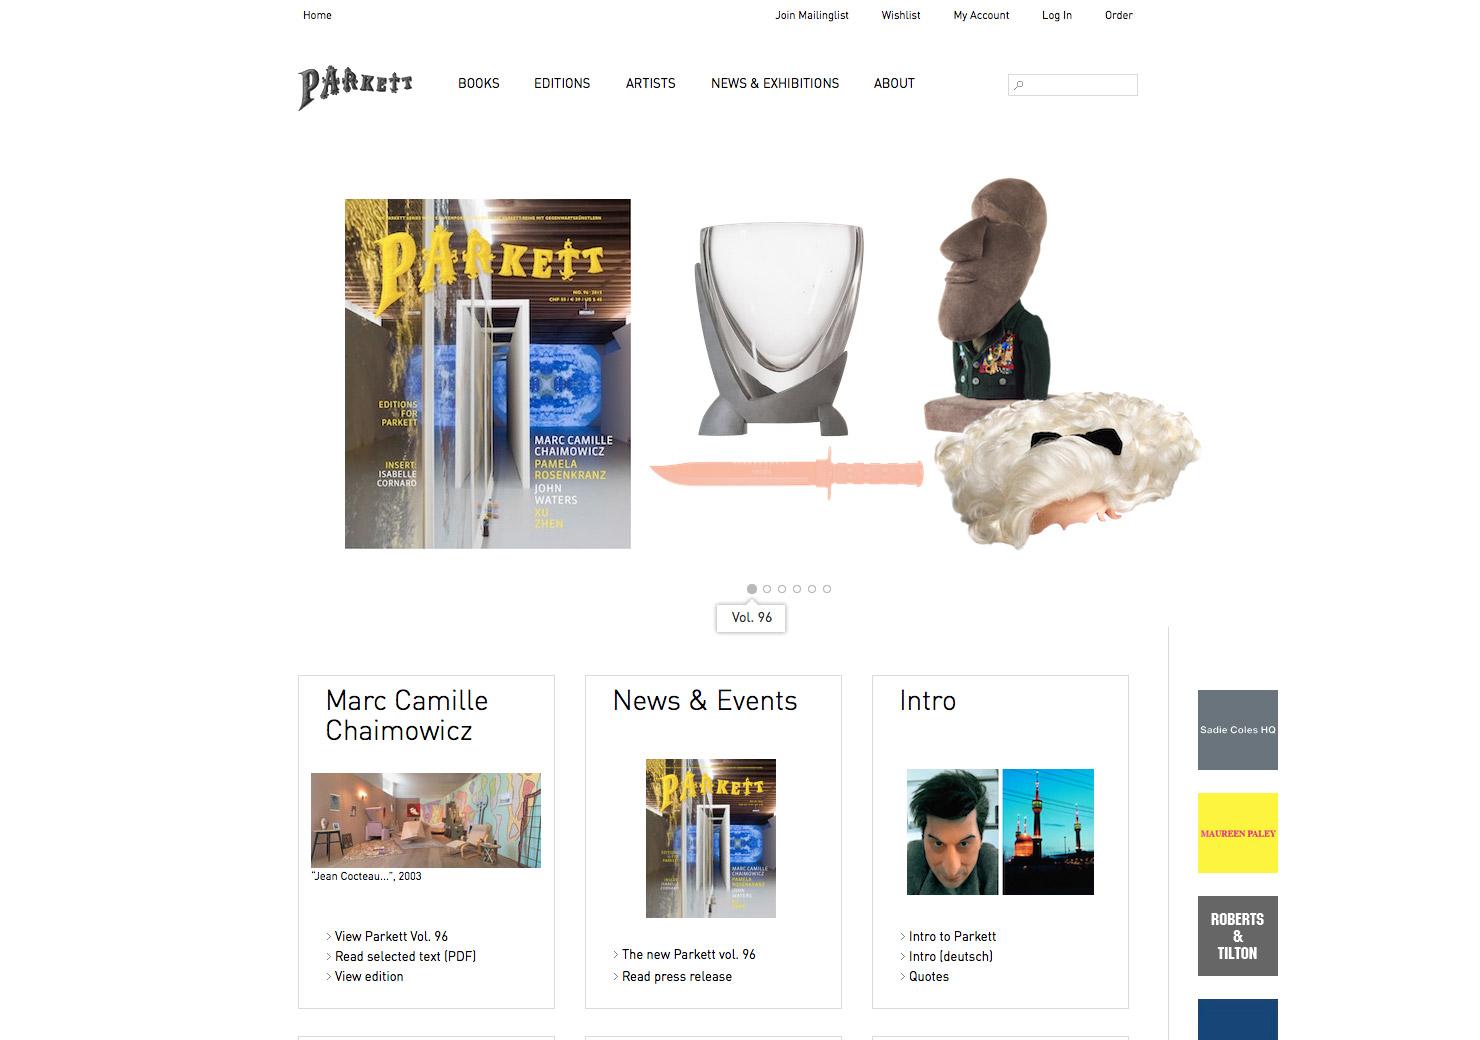 Startseite Online-Plattform und Shop slide 0